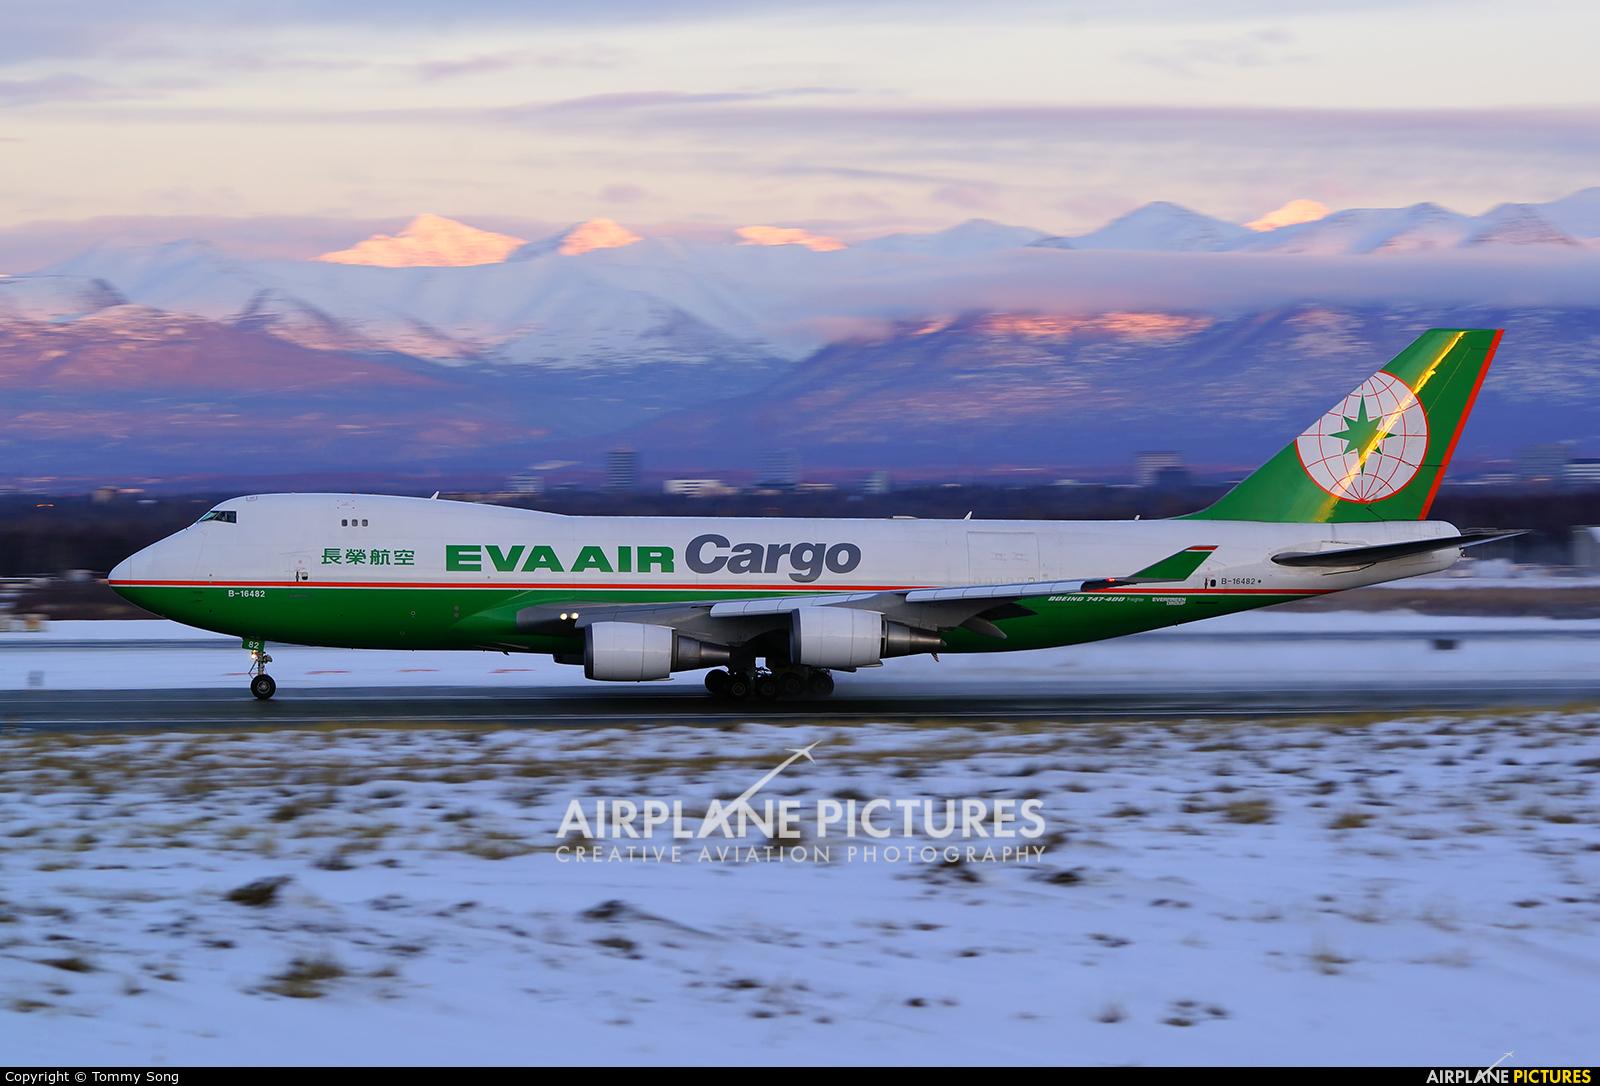 Eva Air B-16482 aircraft at Anchorage - Ted Stevens Intl / Kulis Air National Guard Base